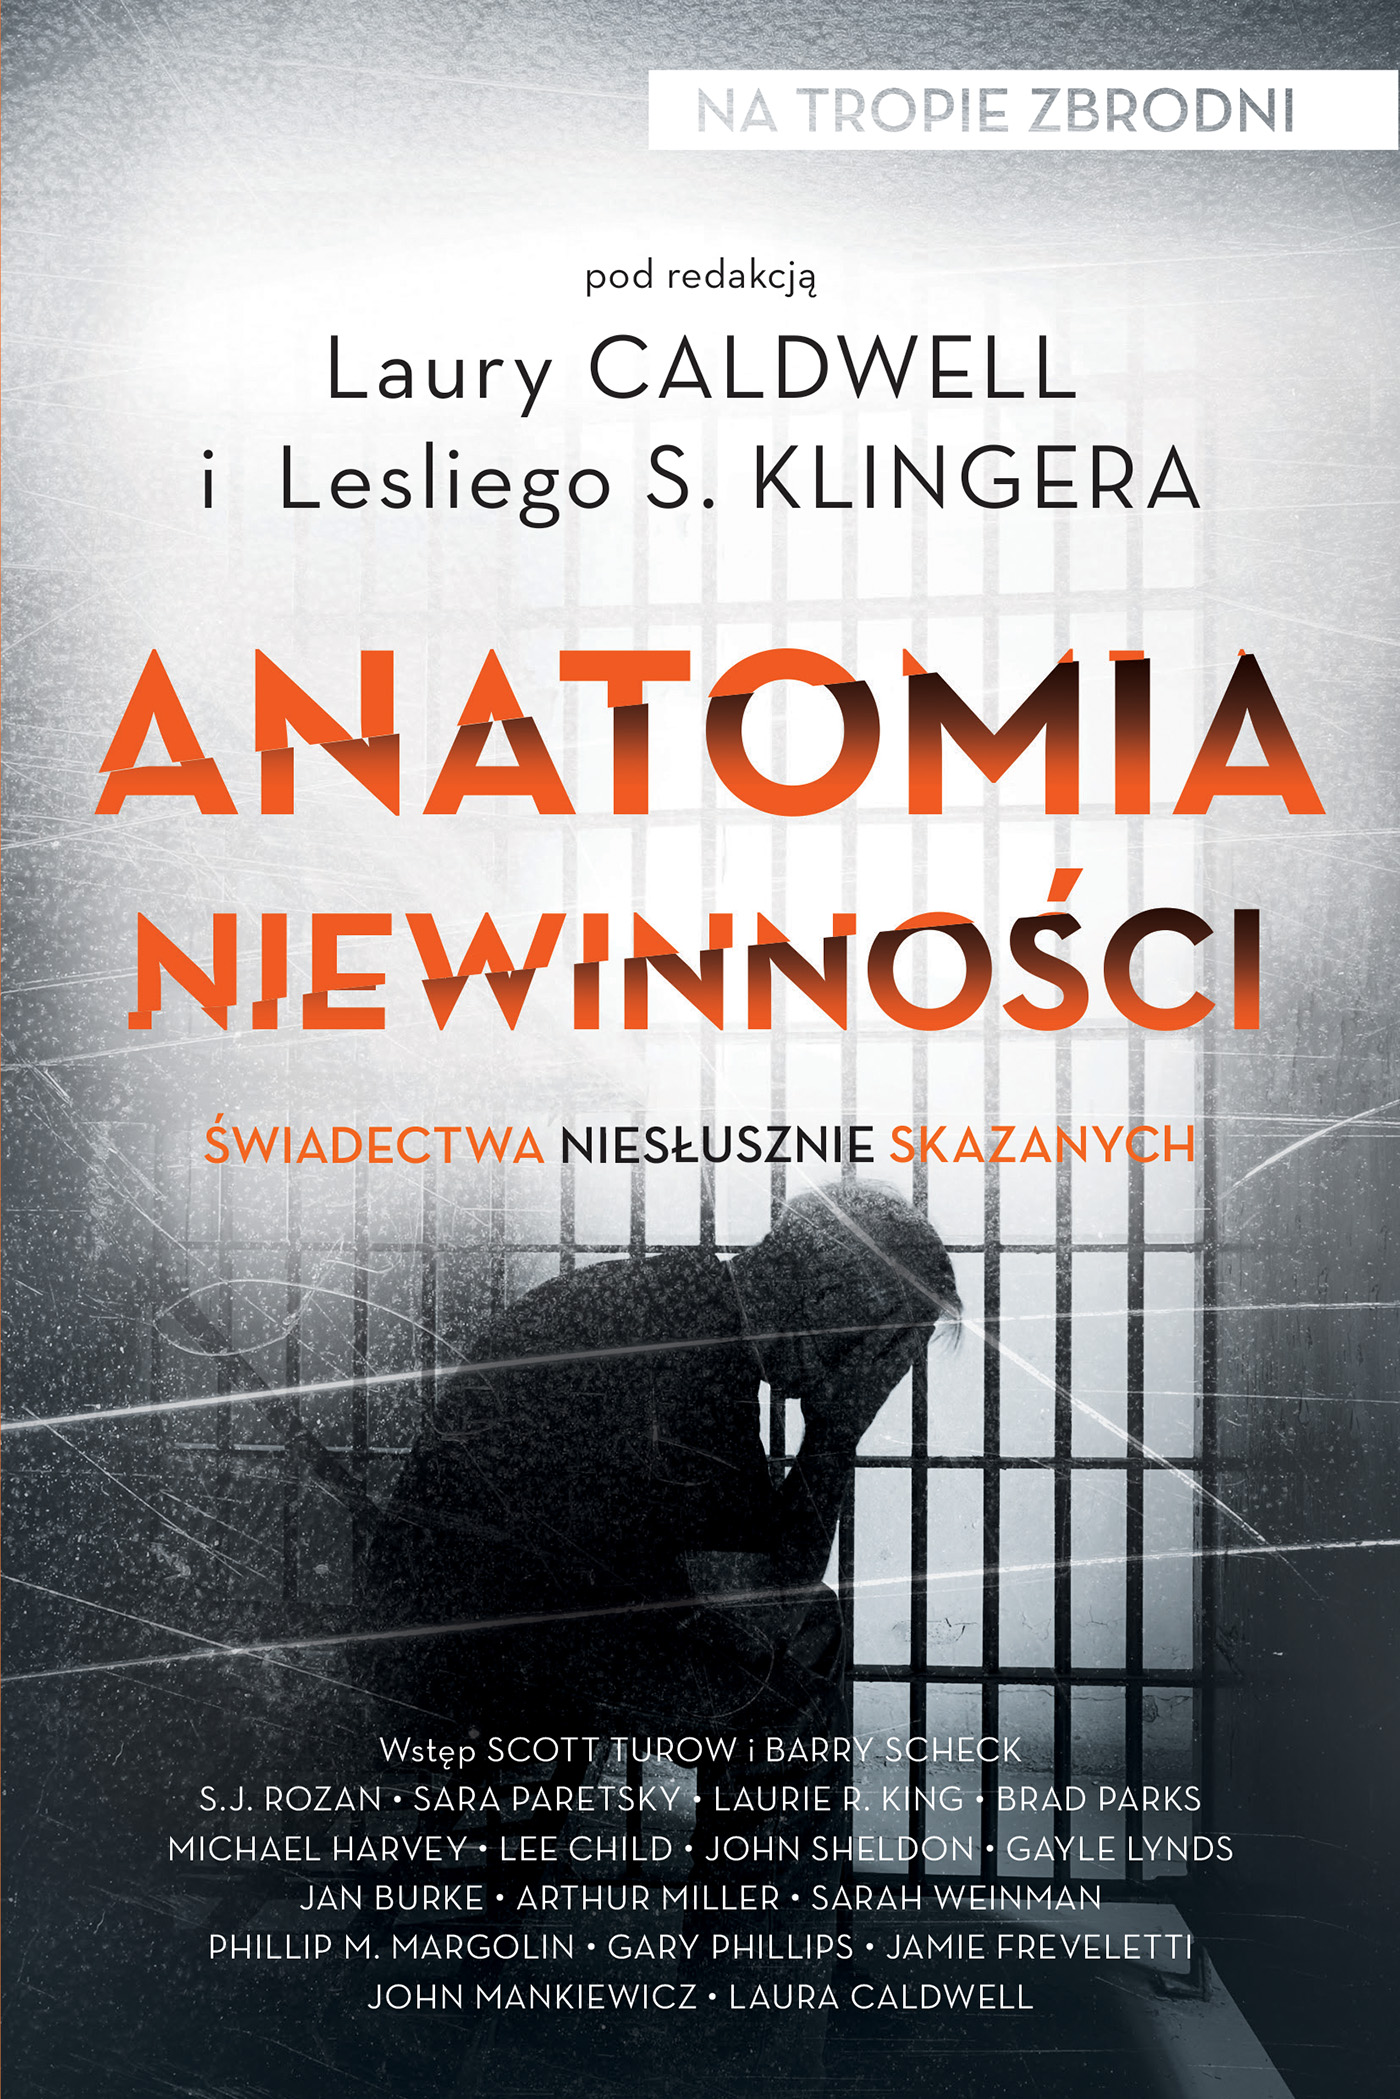 Anatomia niewinności świadectwa niesłusznie skazanych na tropie zbrodni